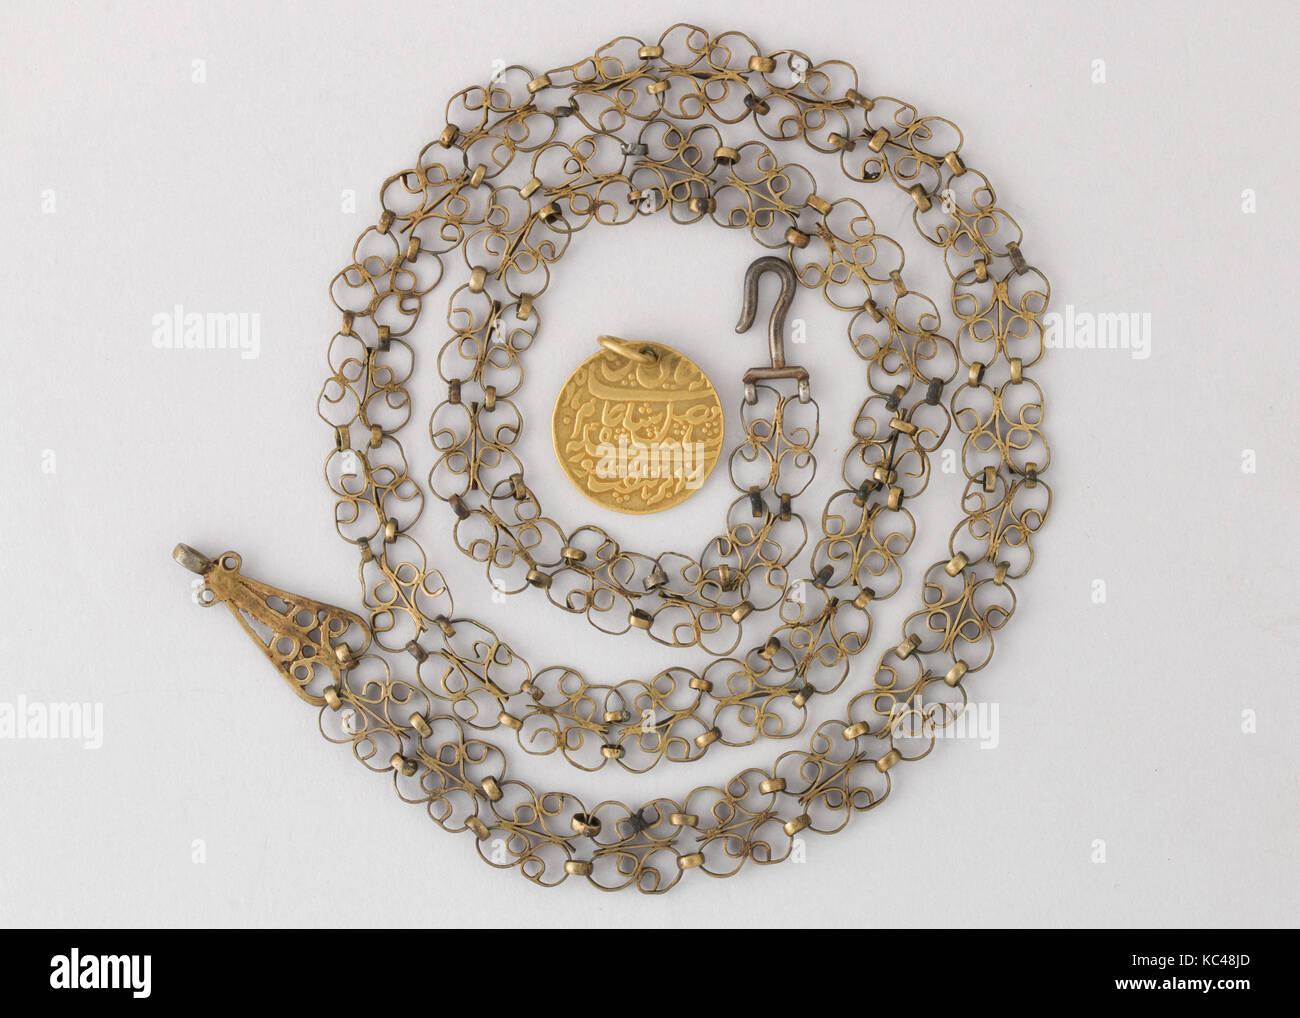 Turkish Gold Stock Photos & Turkish Gold Stock Images - Alamy